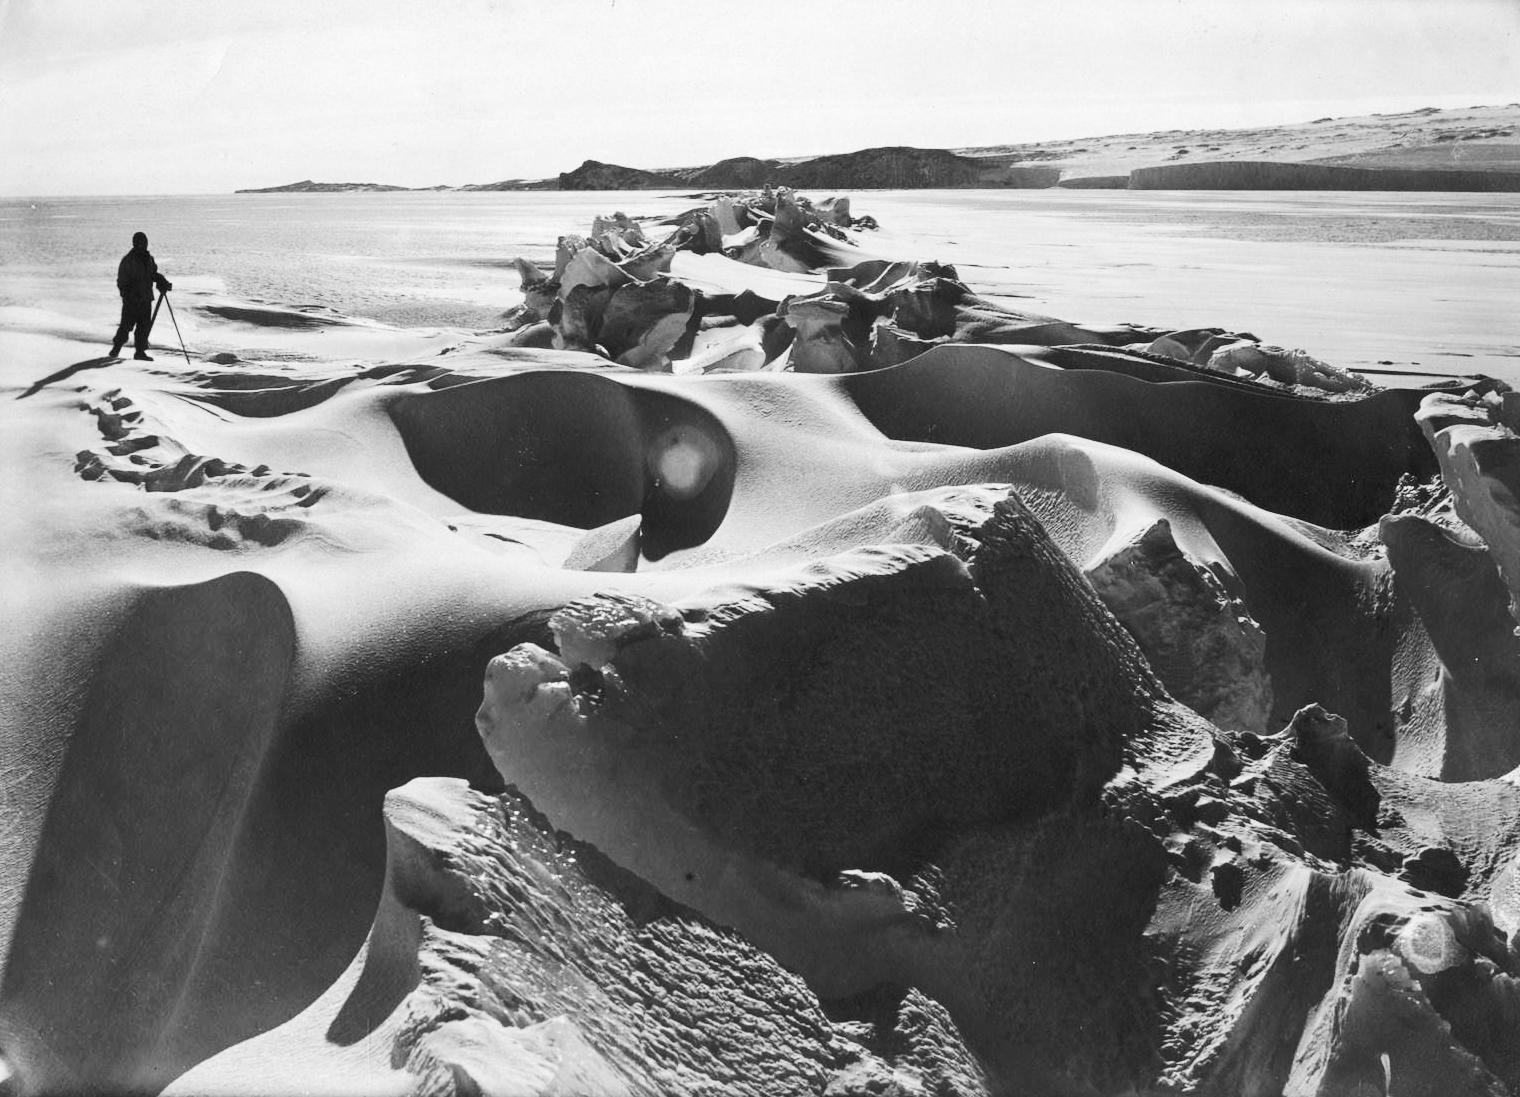 Fotografie z expedice Terra Nova.